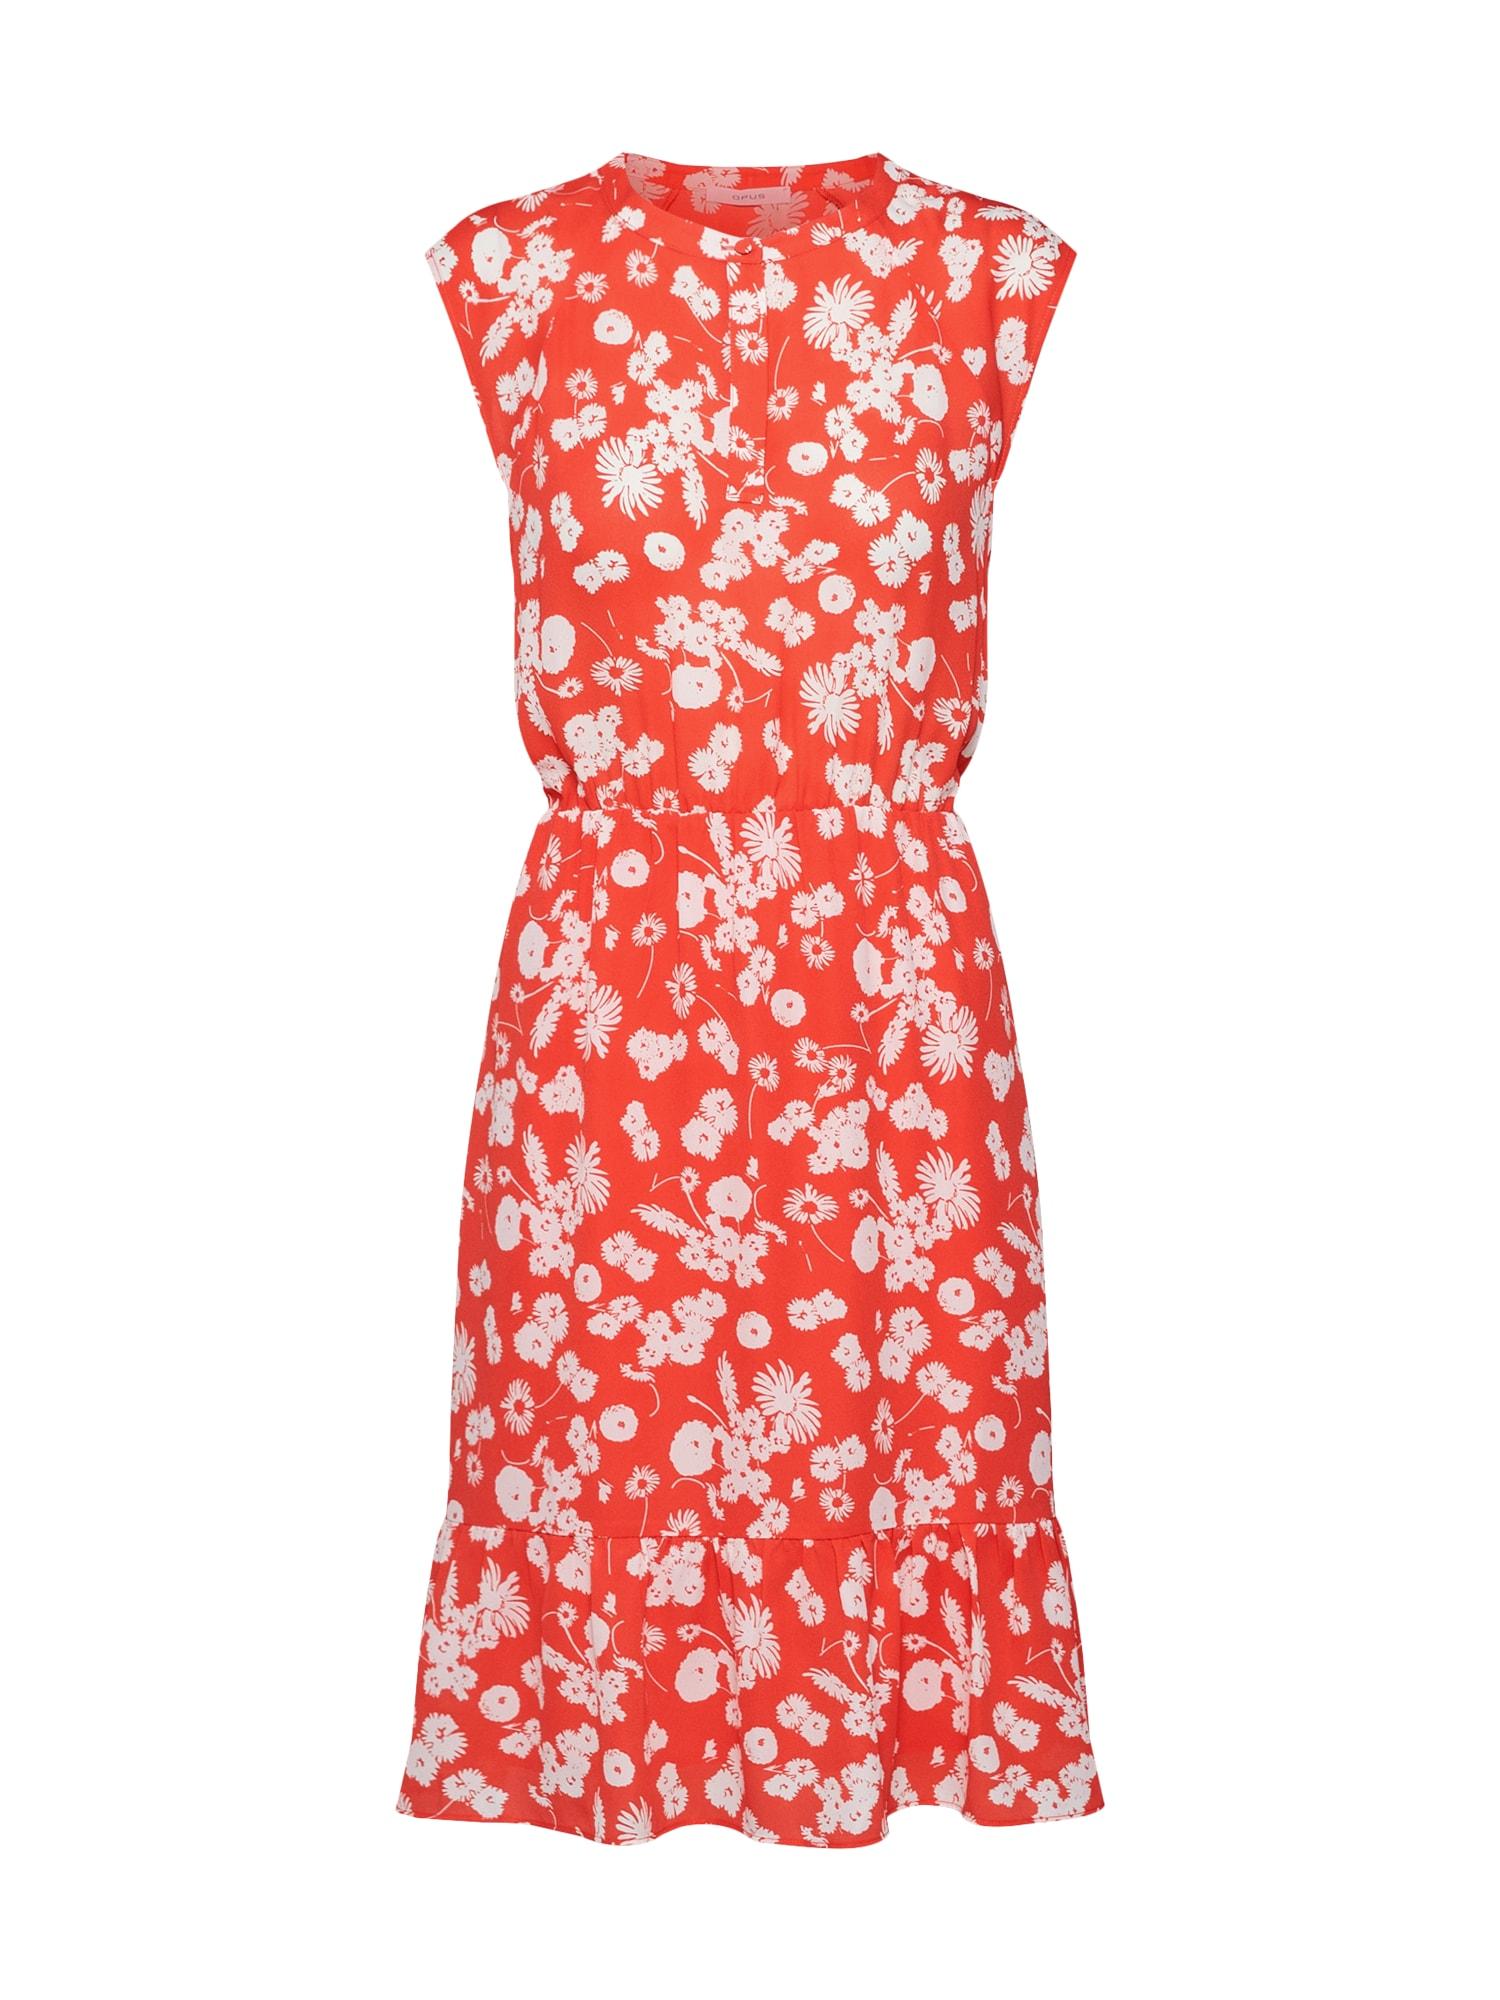 Šaty Wolise oranžově červená OPUS